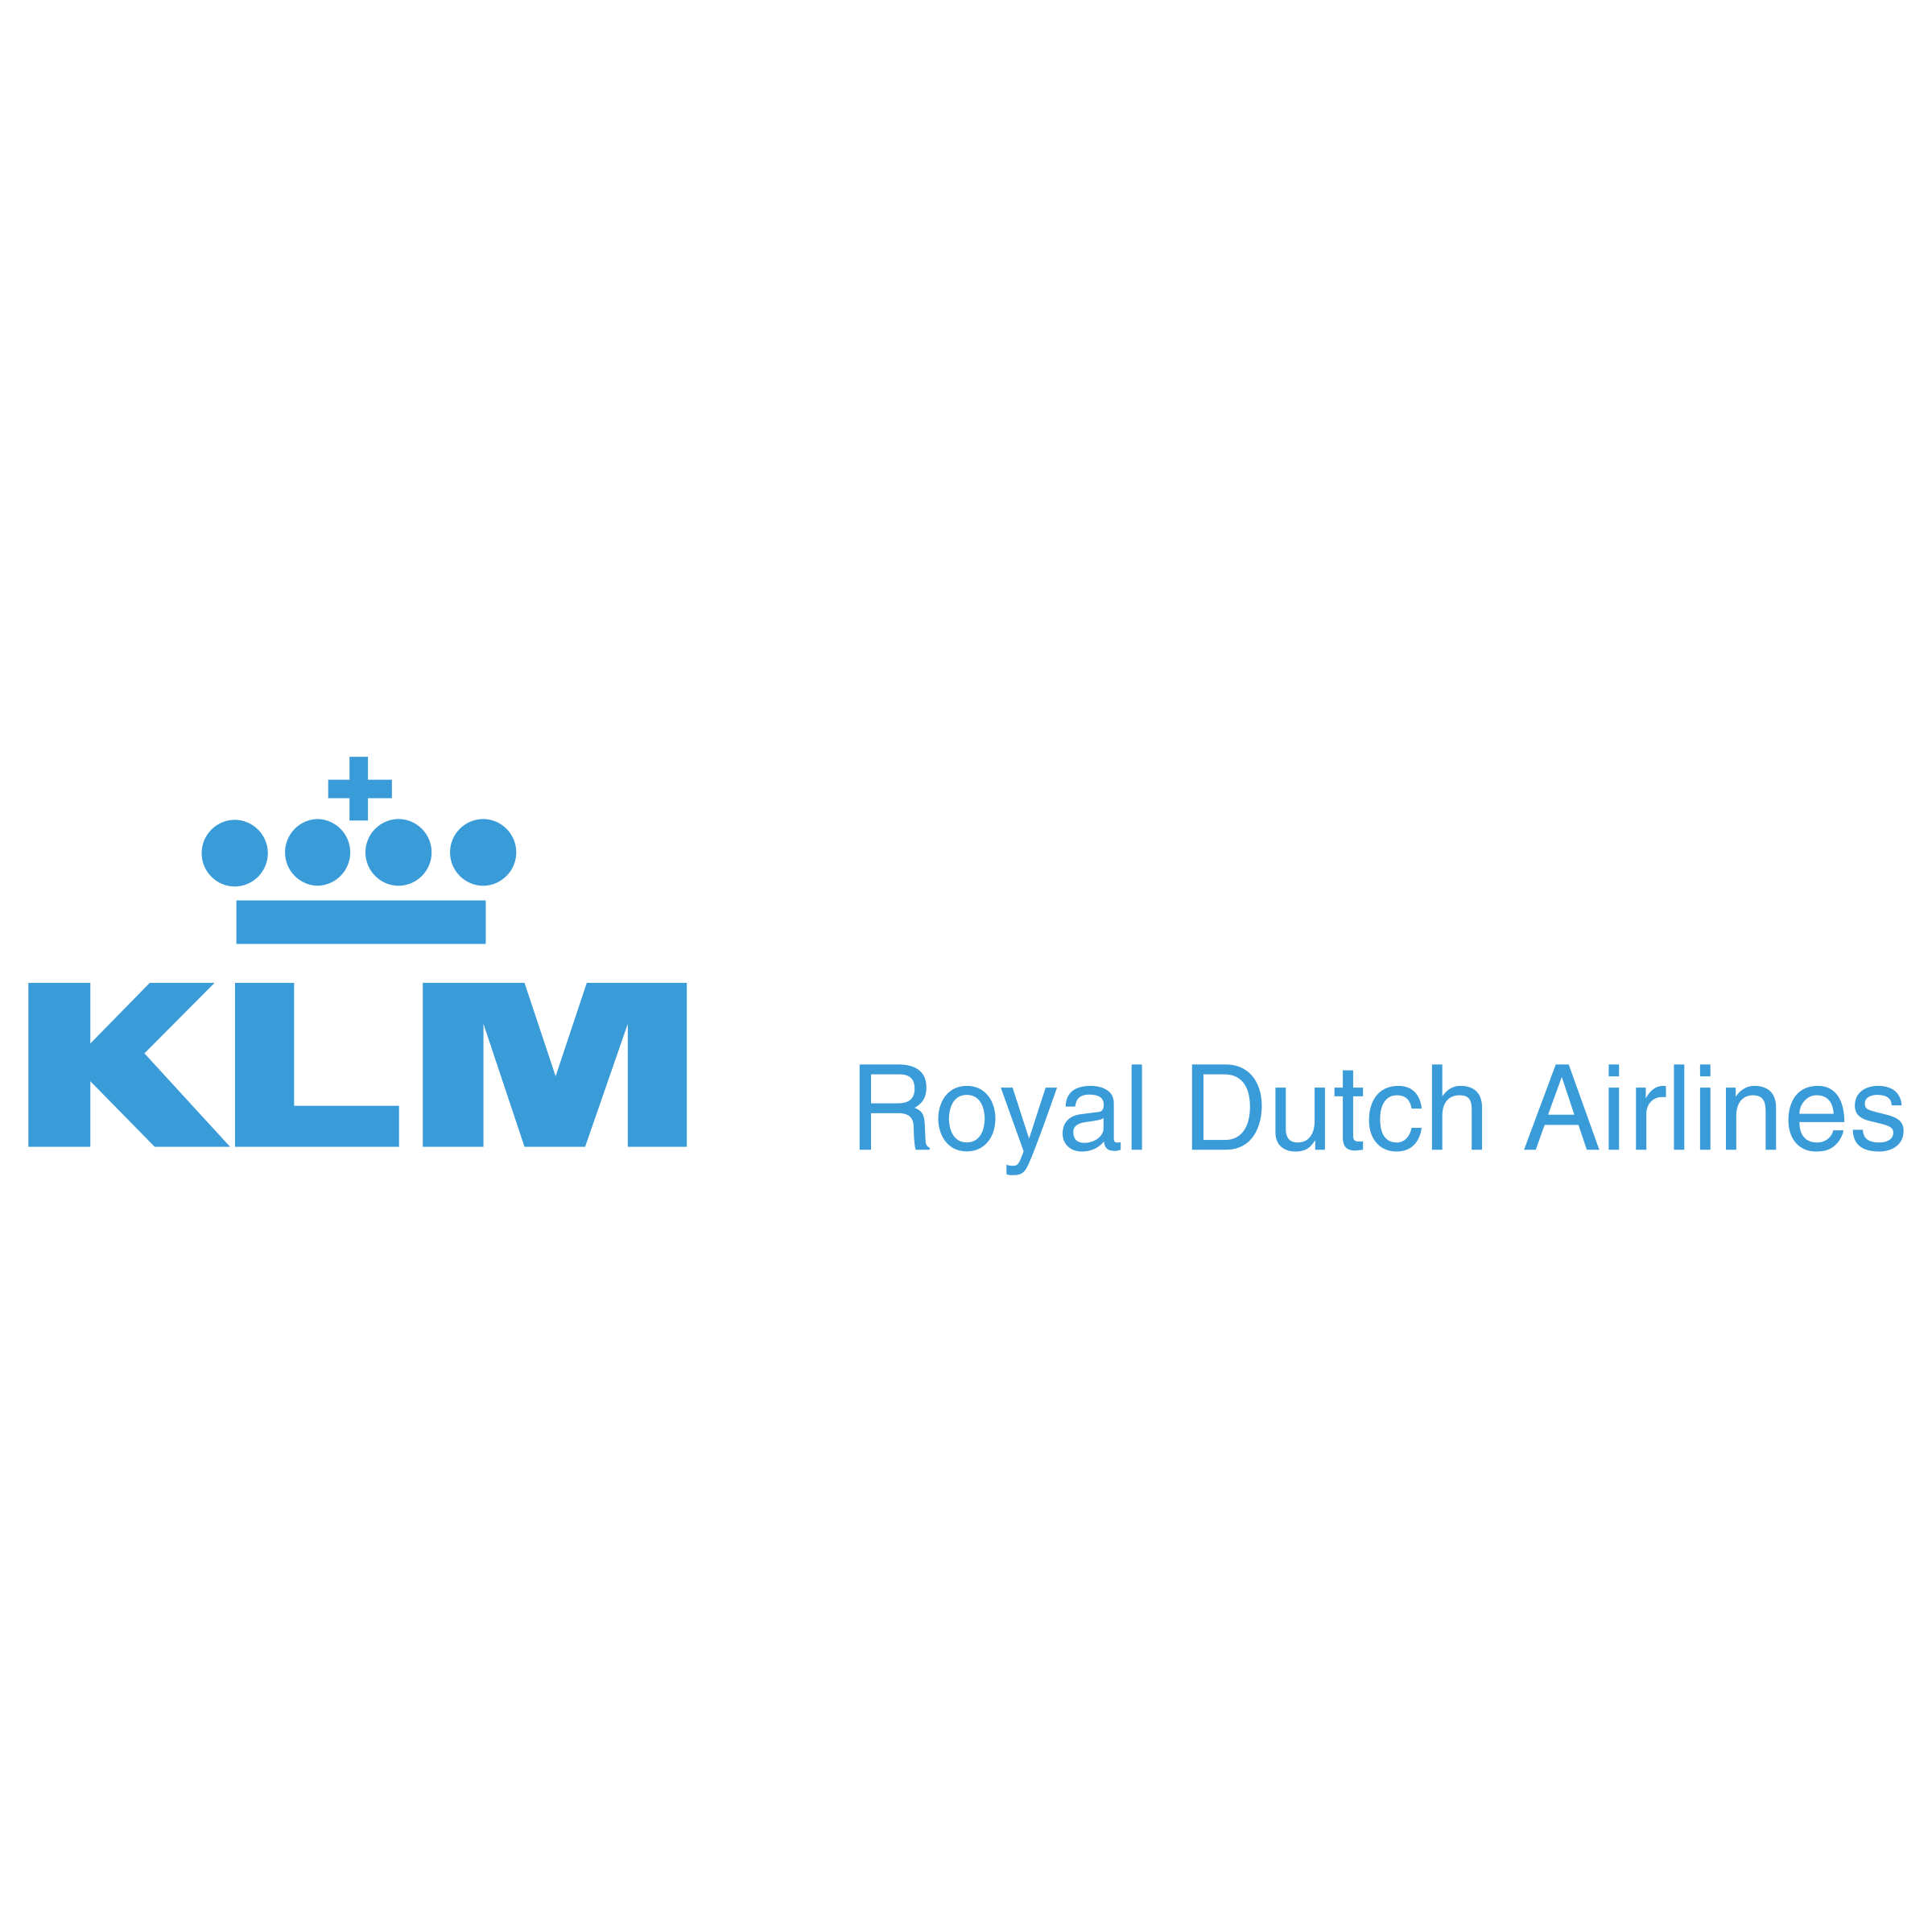 Risultati immagini per klm logo